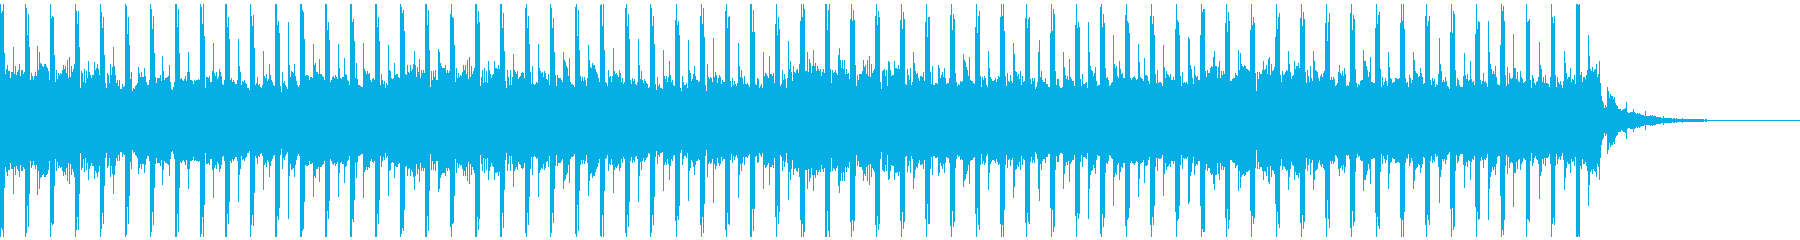 法人(ショート1)の再生済みの波形